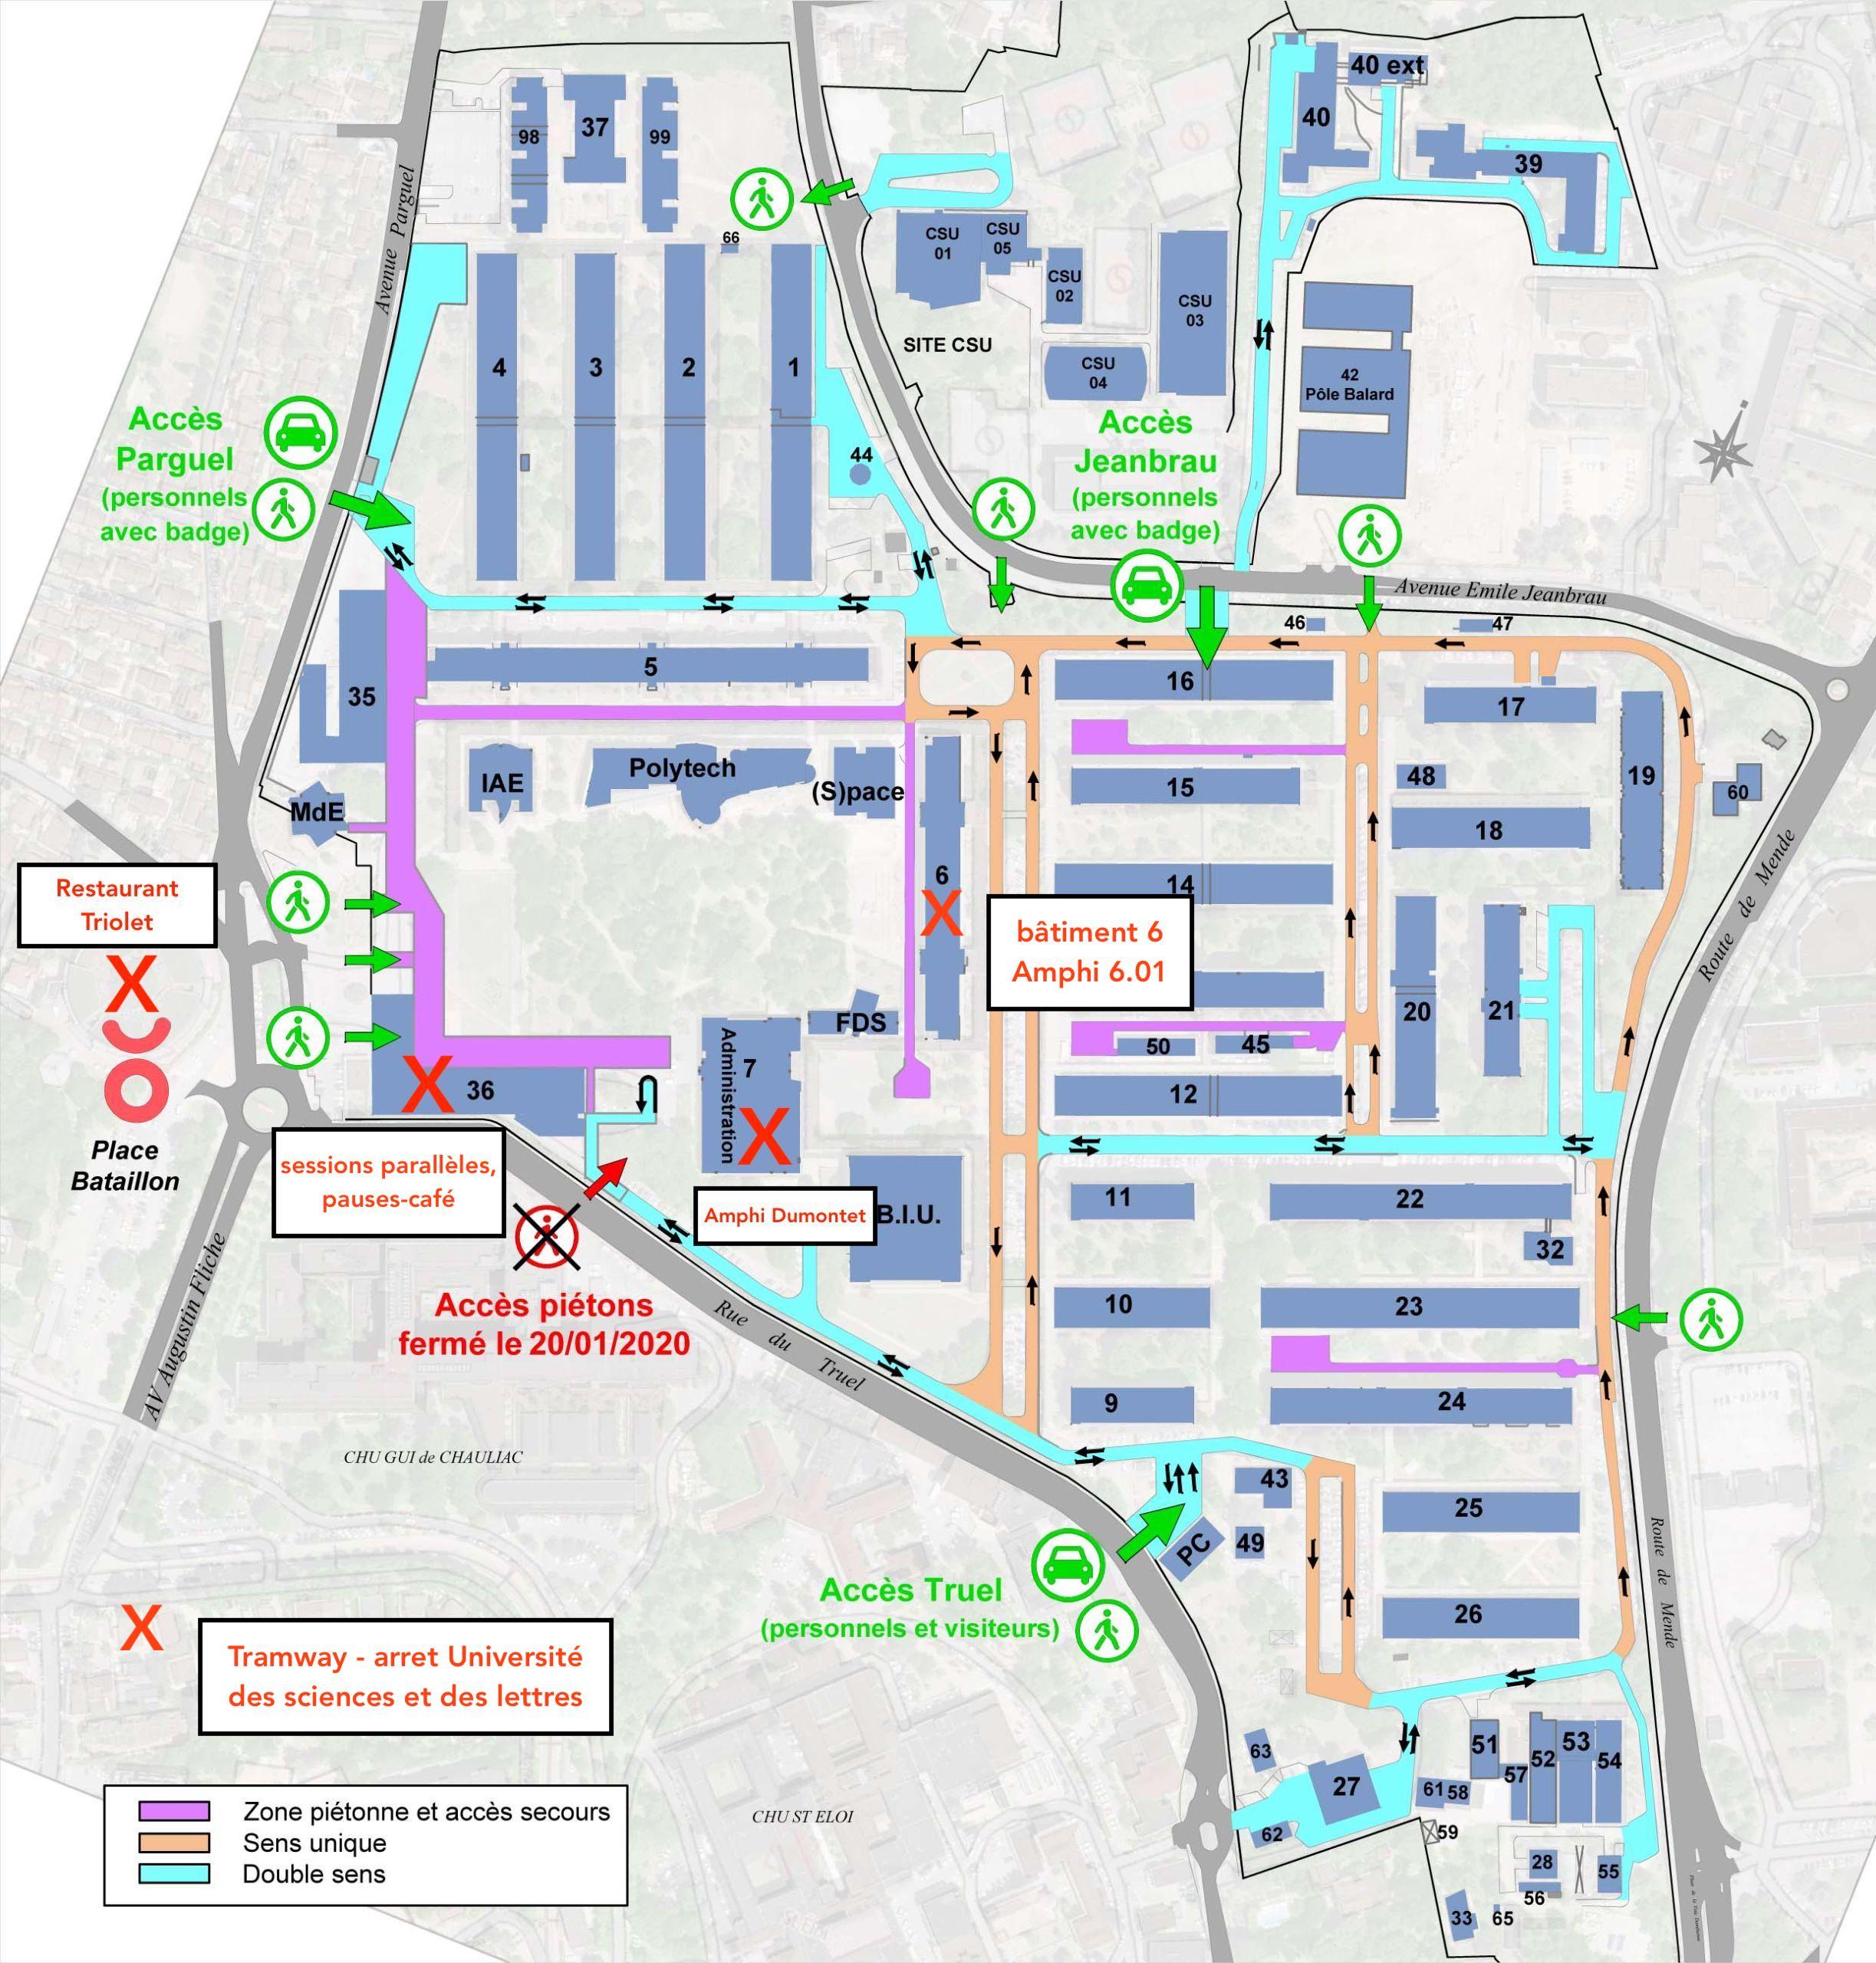 nouveau_plan_du_campus_Village_des_sciences_scaled_3.jpg